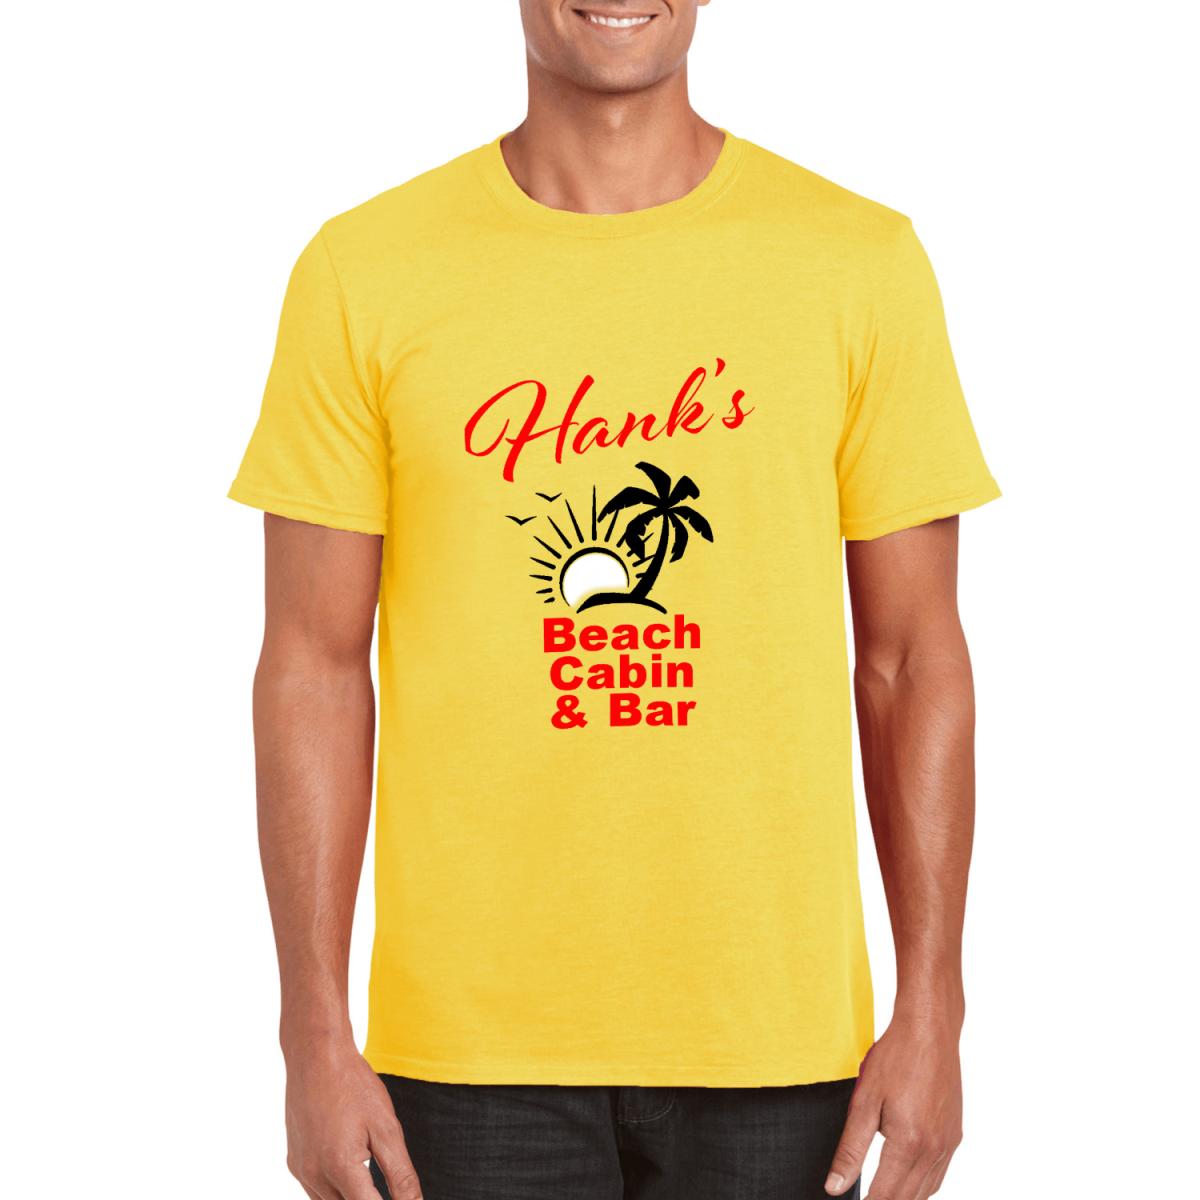 Custom Printed T-Shirt - Yellow - Beach Cabin